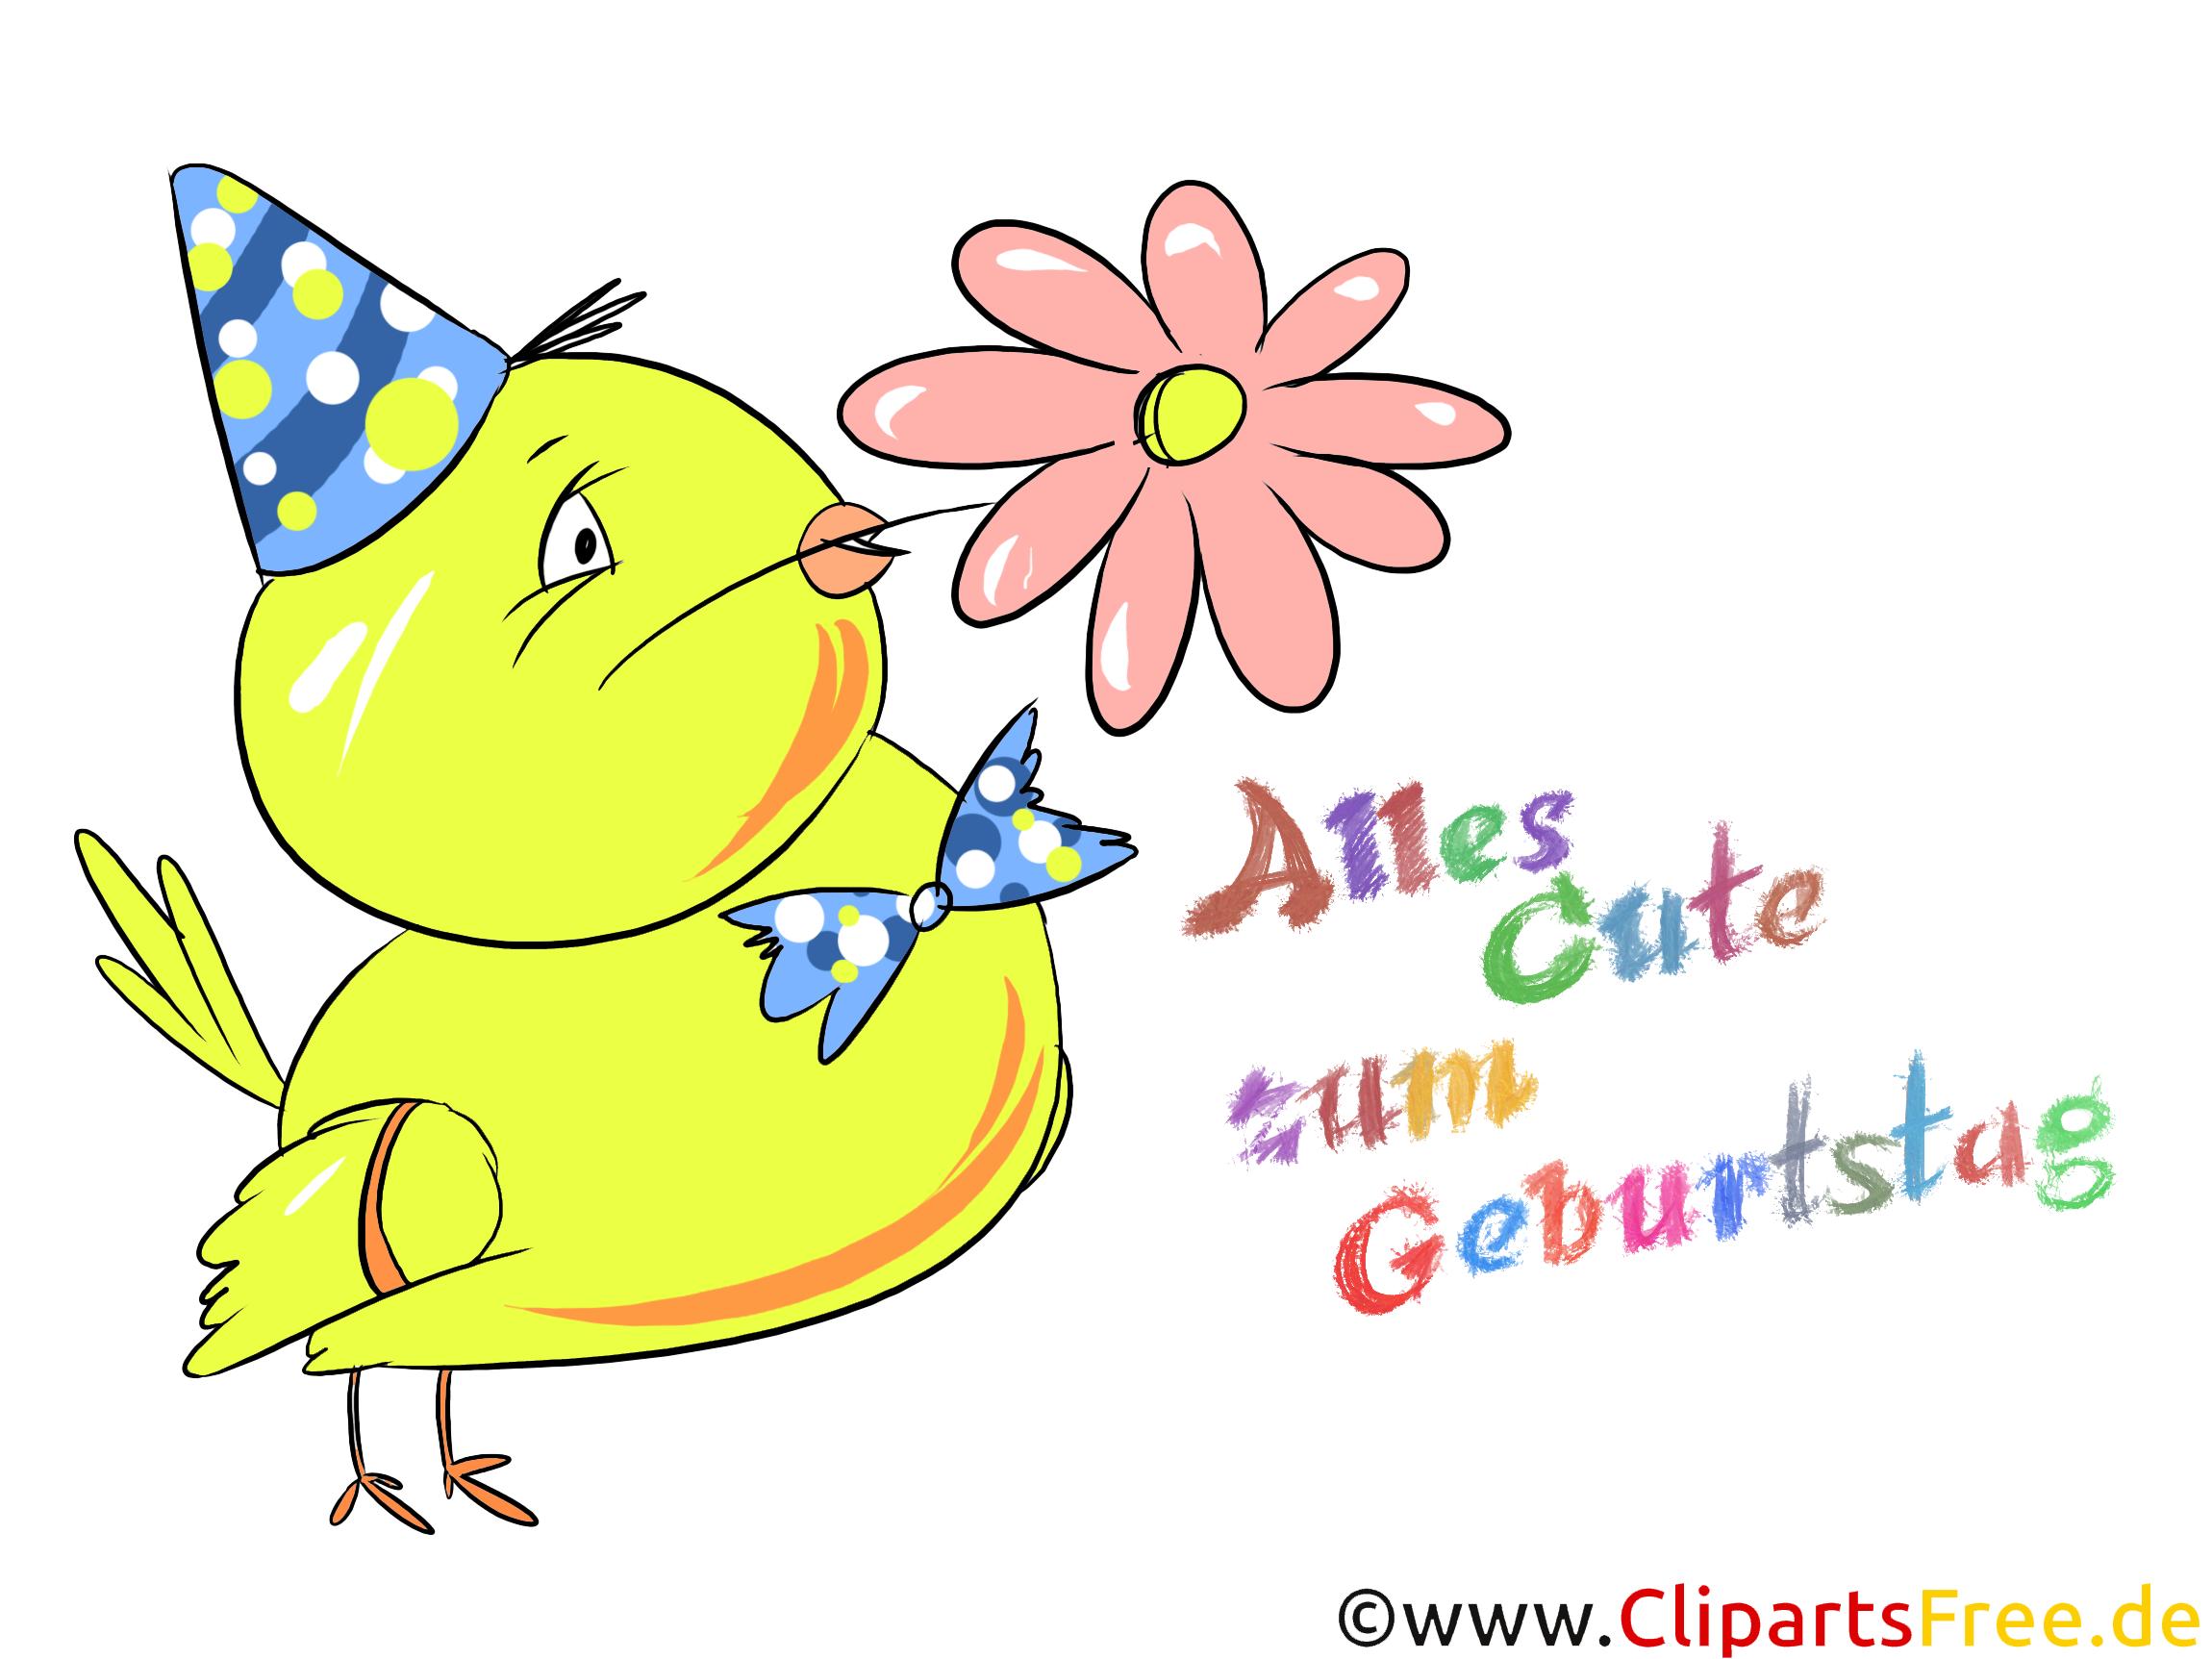 Geburtstag Bild, Clipart, Karte, Wunsch für Kinder